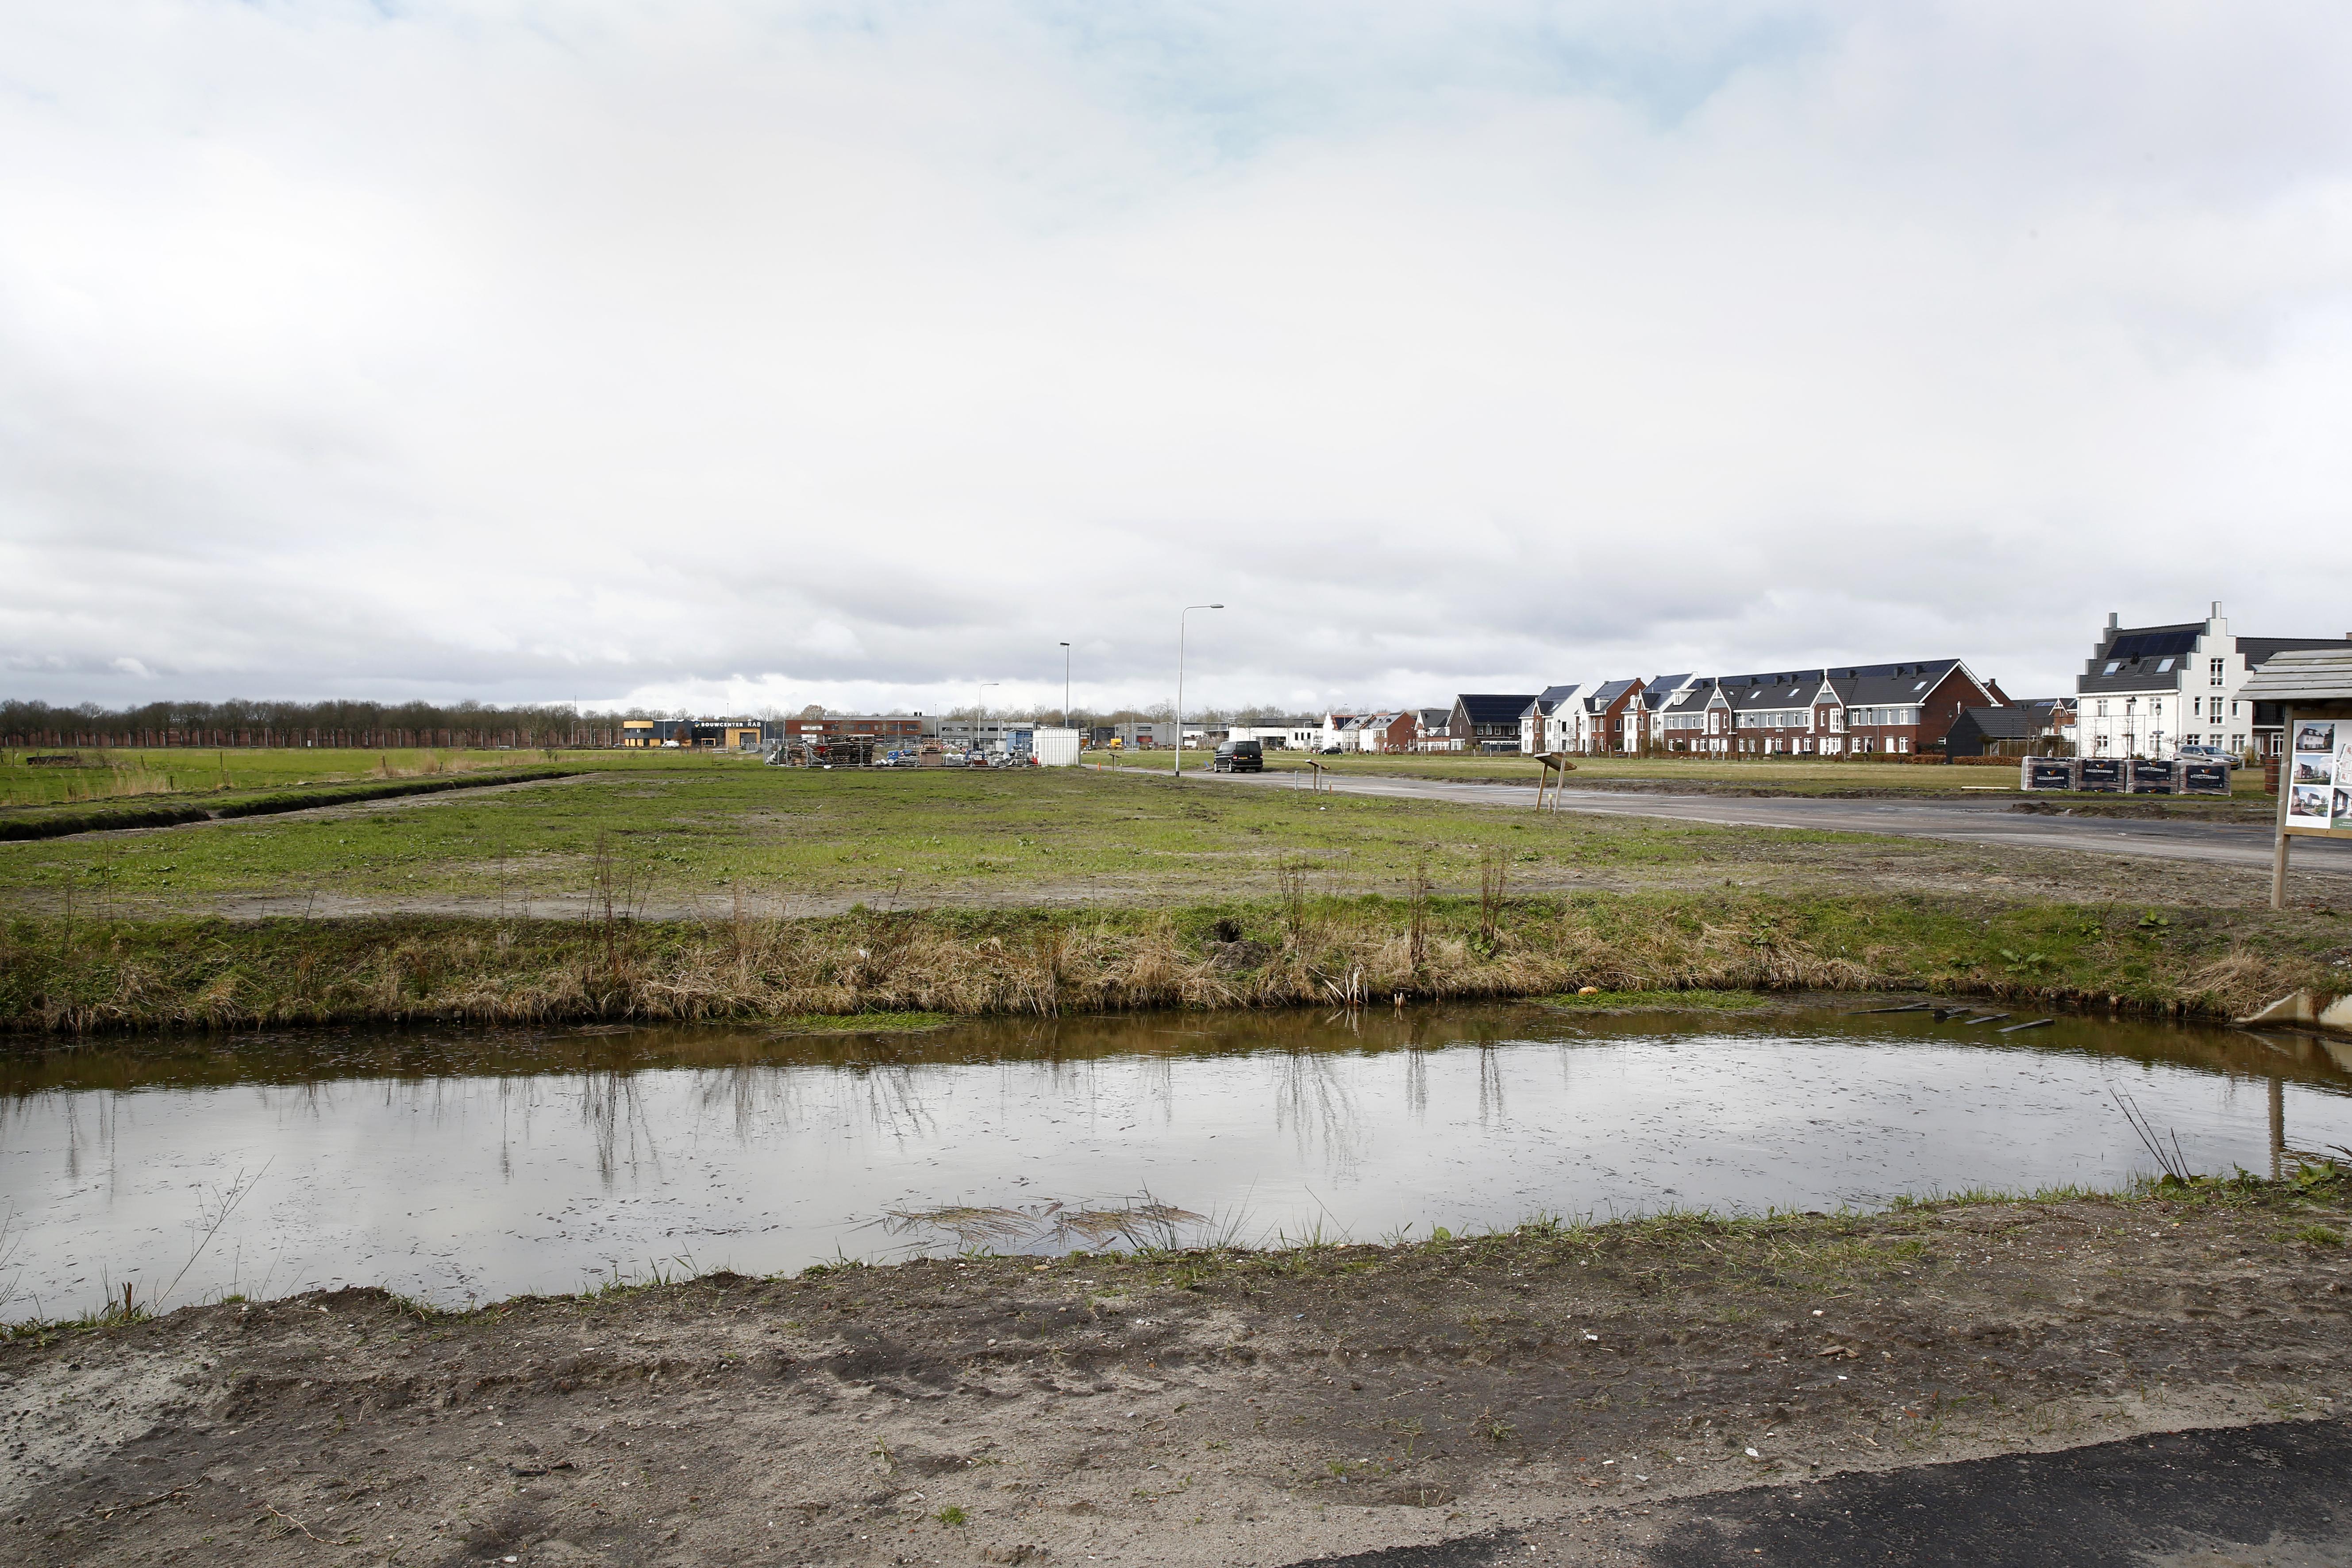 Eemnes koopt voor acht miljoen grond in Zuidpolder; 'Nu kunnen wij, wat er ook gebeurt, tot 2040 voldoen aan de woonbehoeften inwoners'